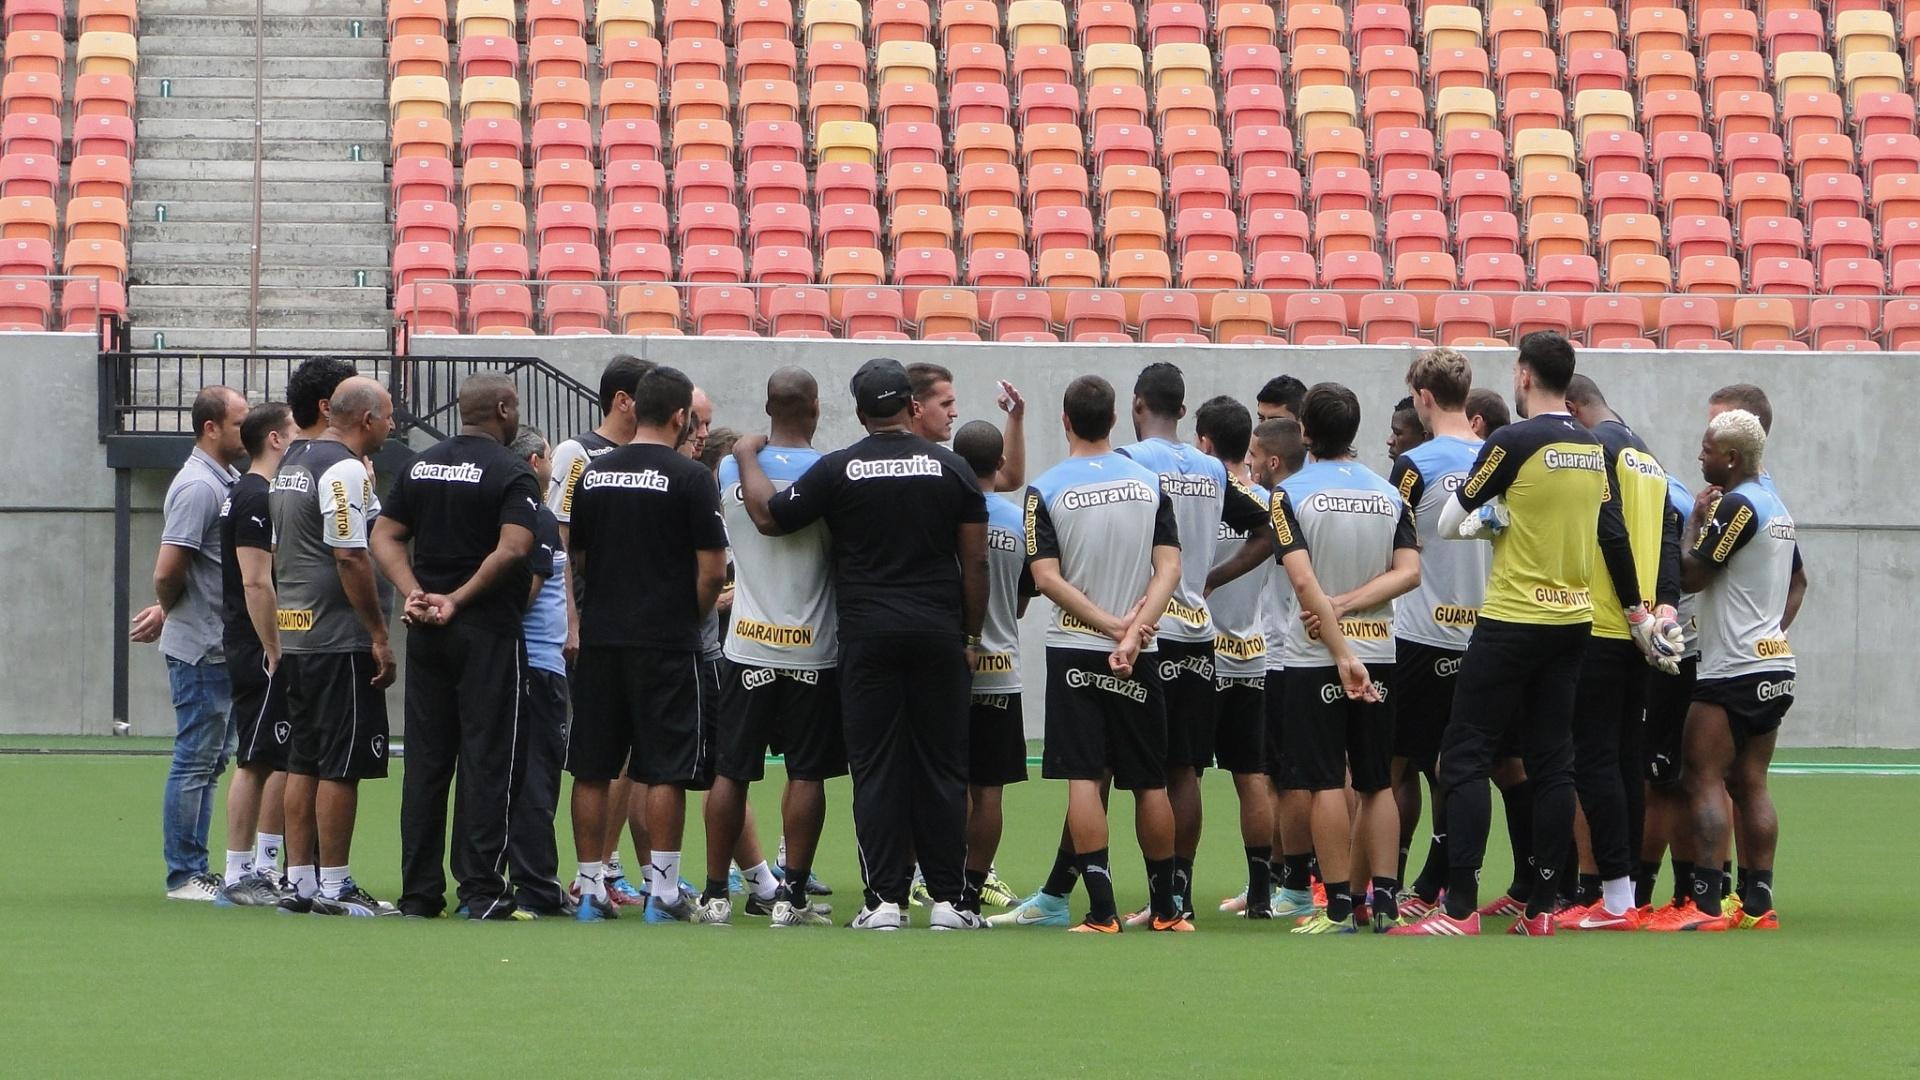 Botafogo realiza treinamento na Arena Pantanal, em Manaus, onde enfrentará o Corinthians